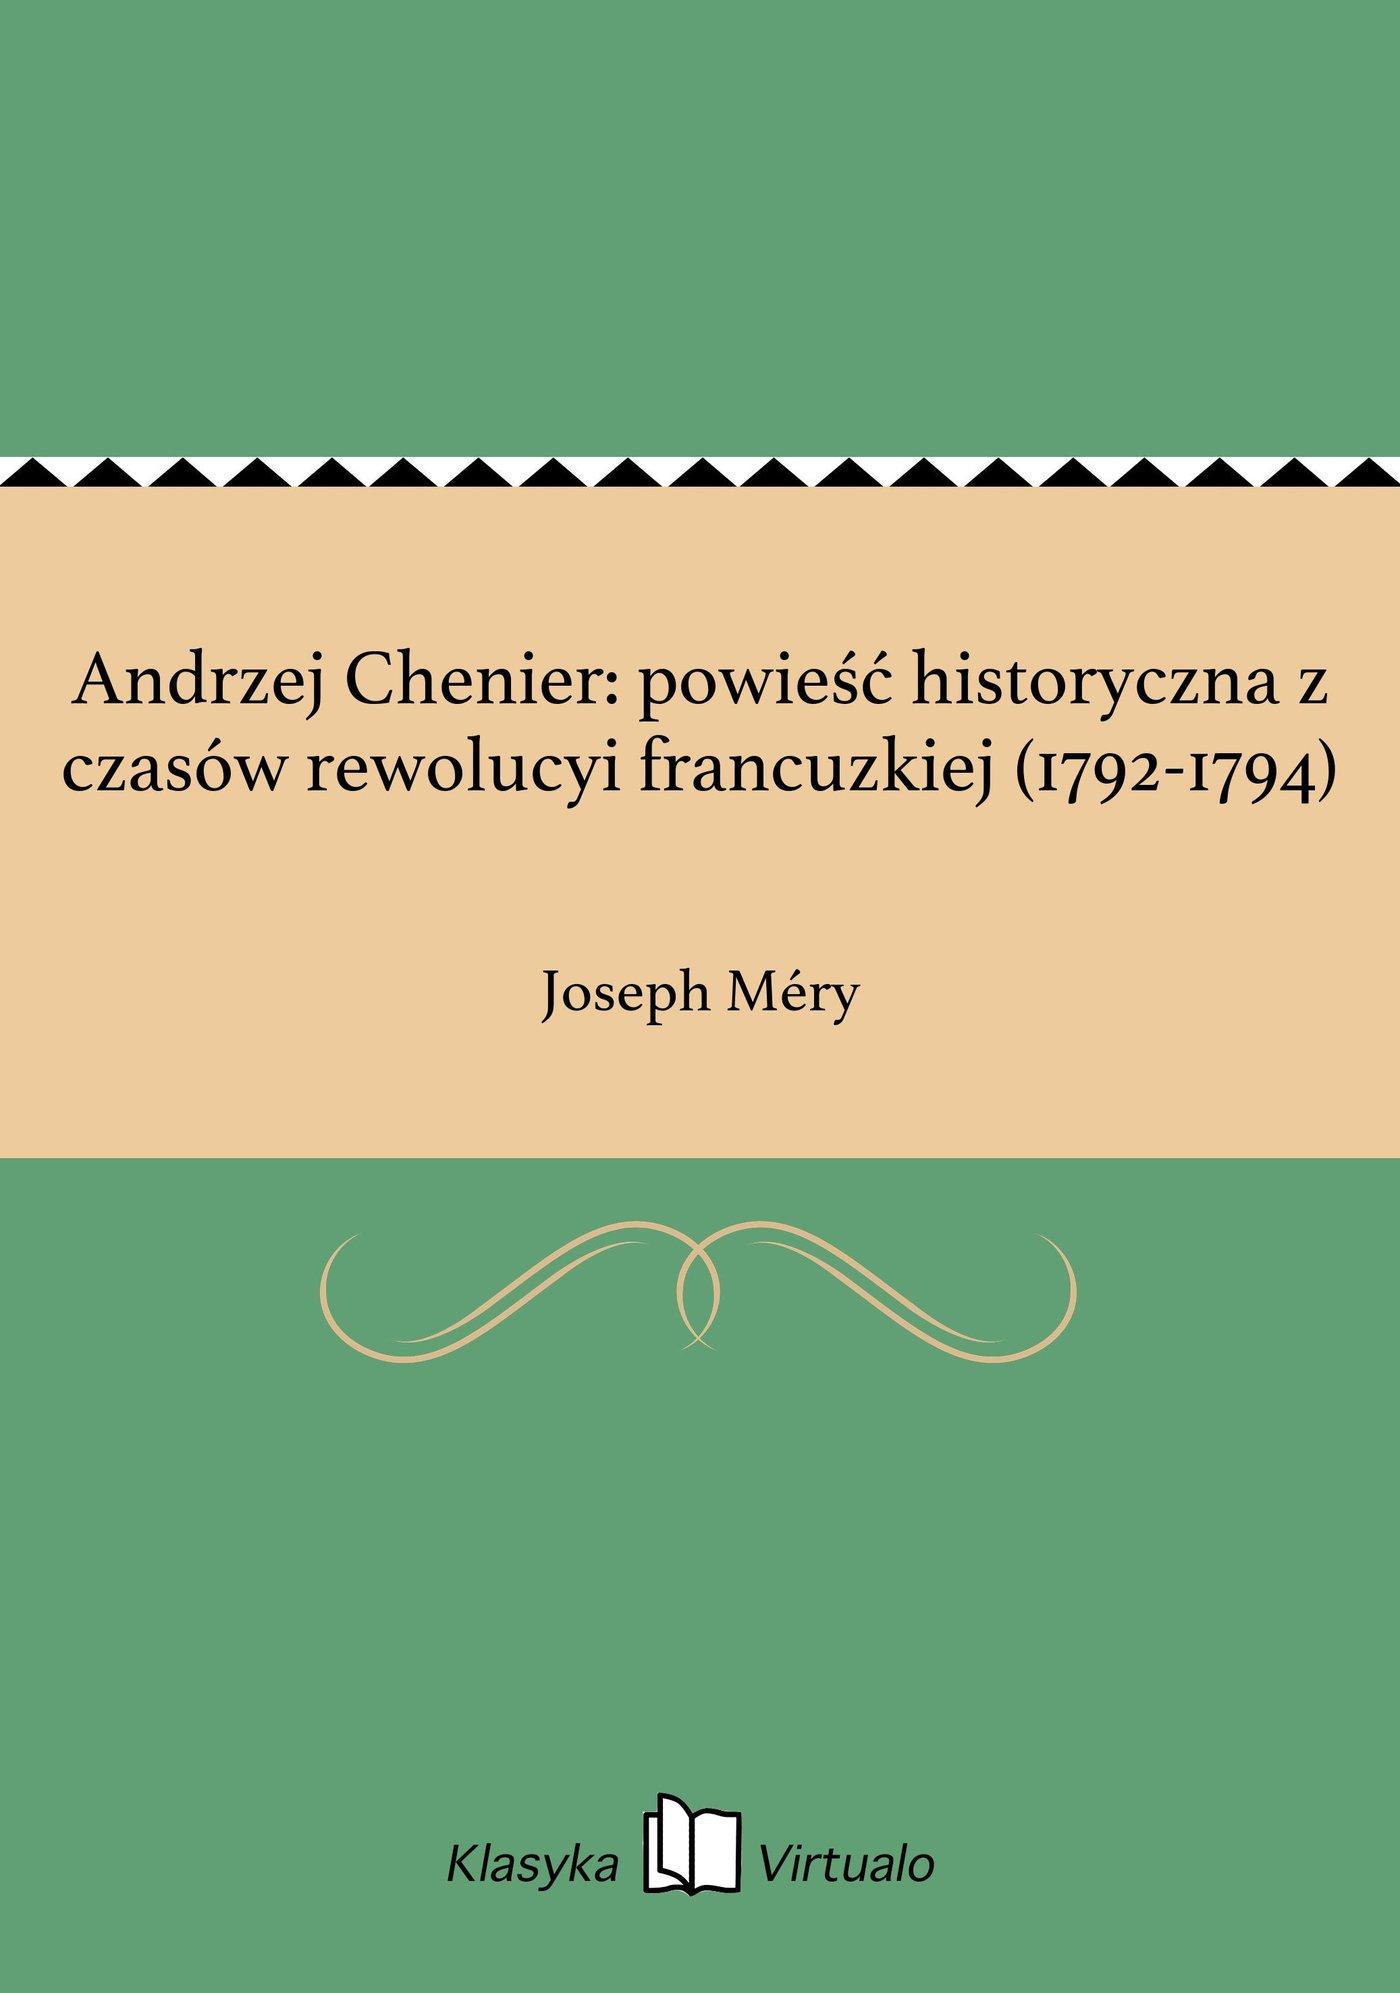 Andrzej Chenier: powieść historyczna z czasów rewolucyi francuzkiej (1792-1794) - Ebook (Książka EPUB) do pobrania w formacie EPUB